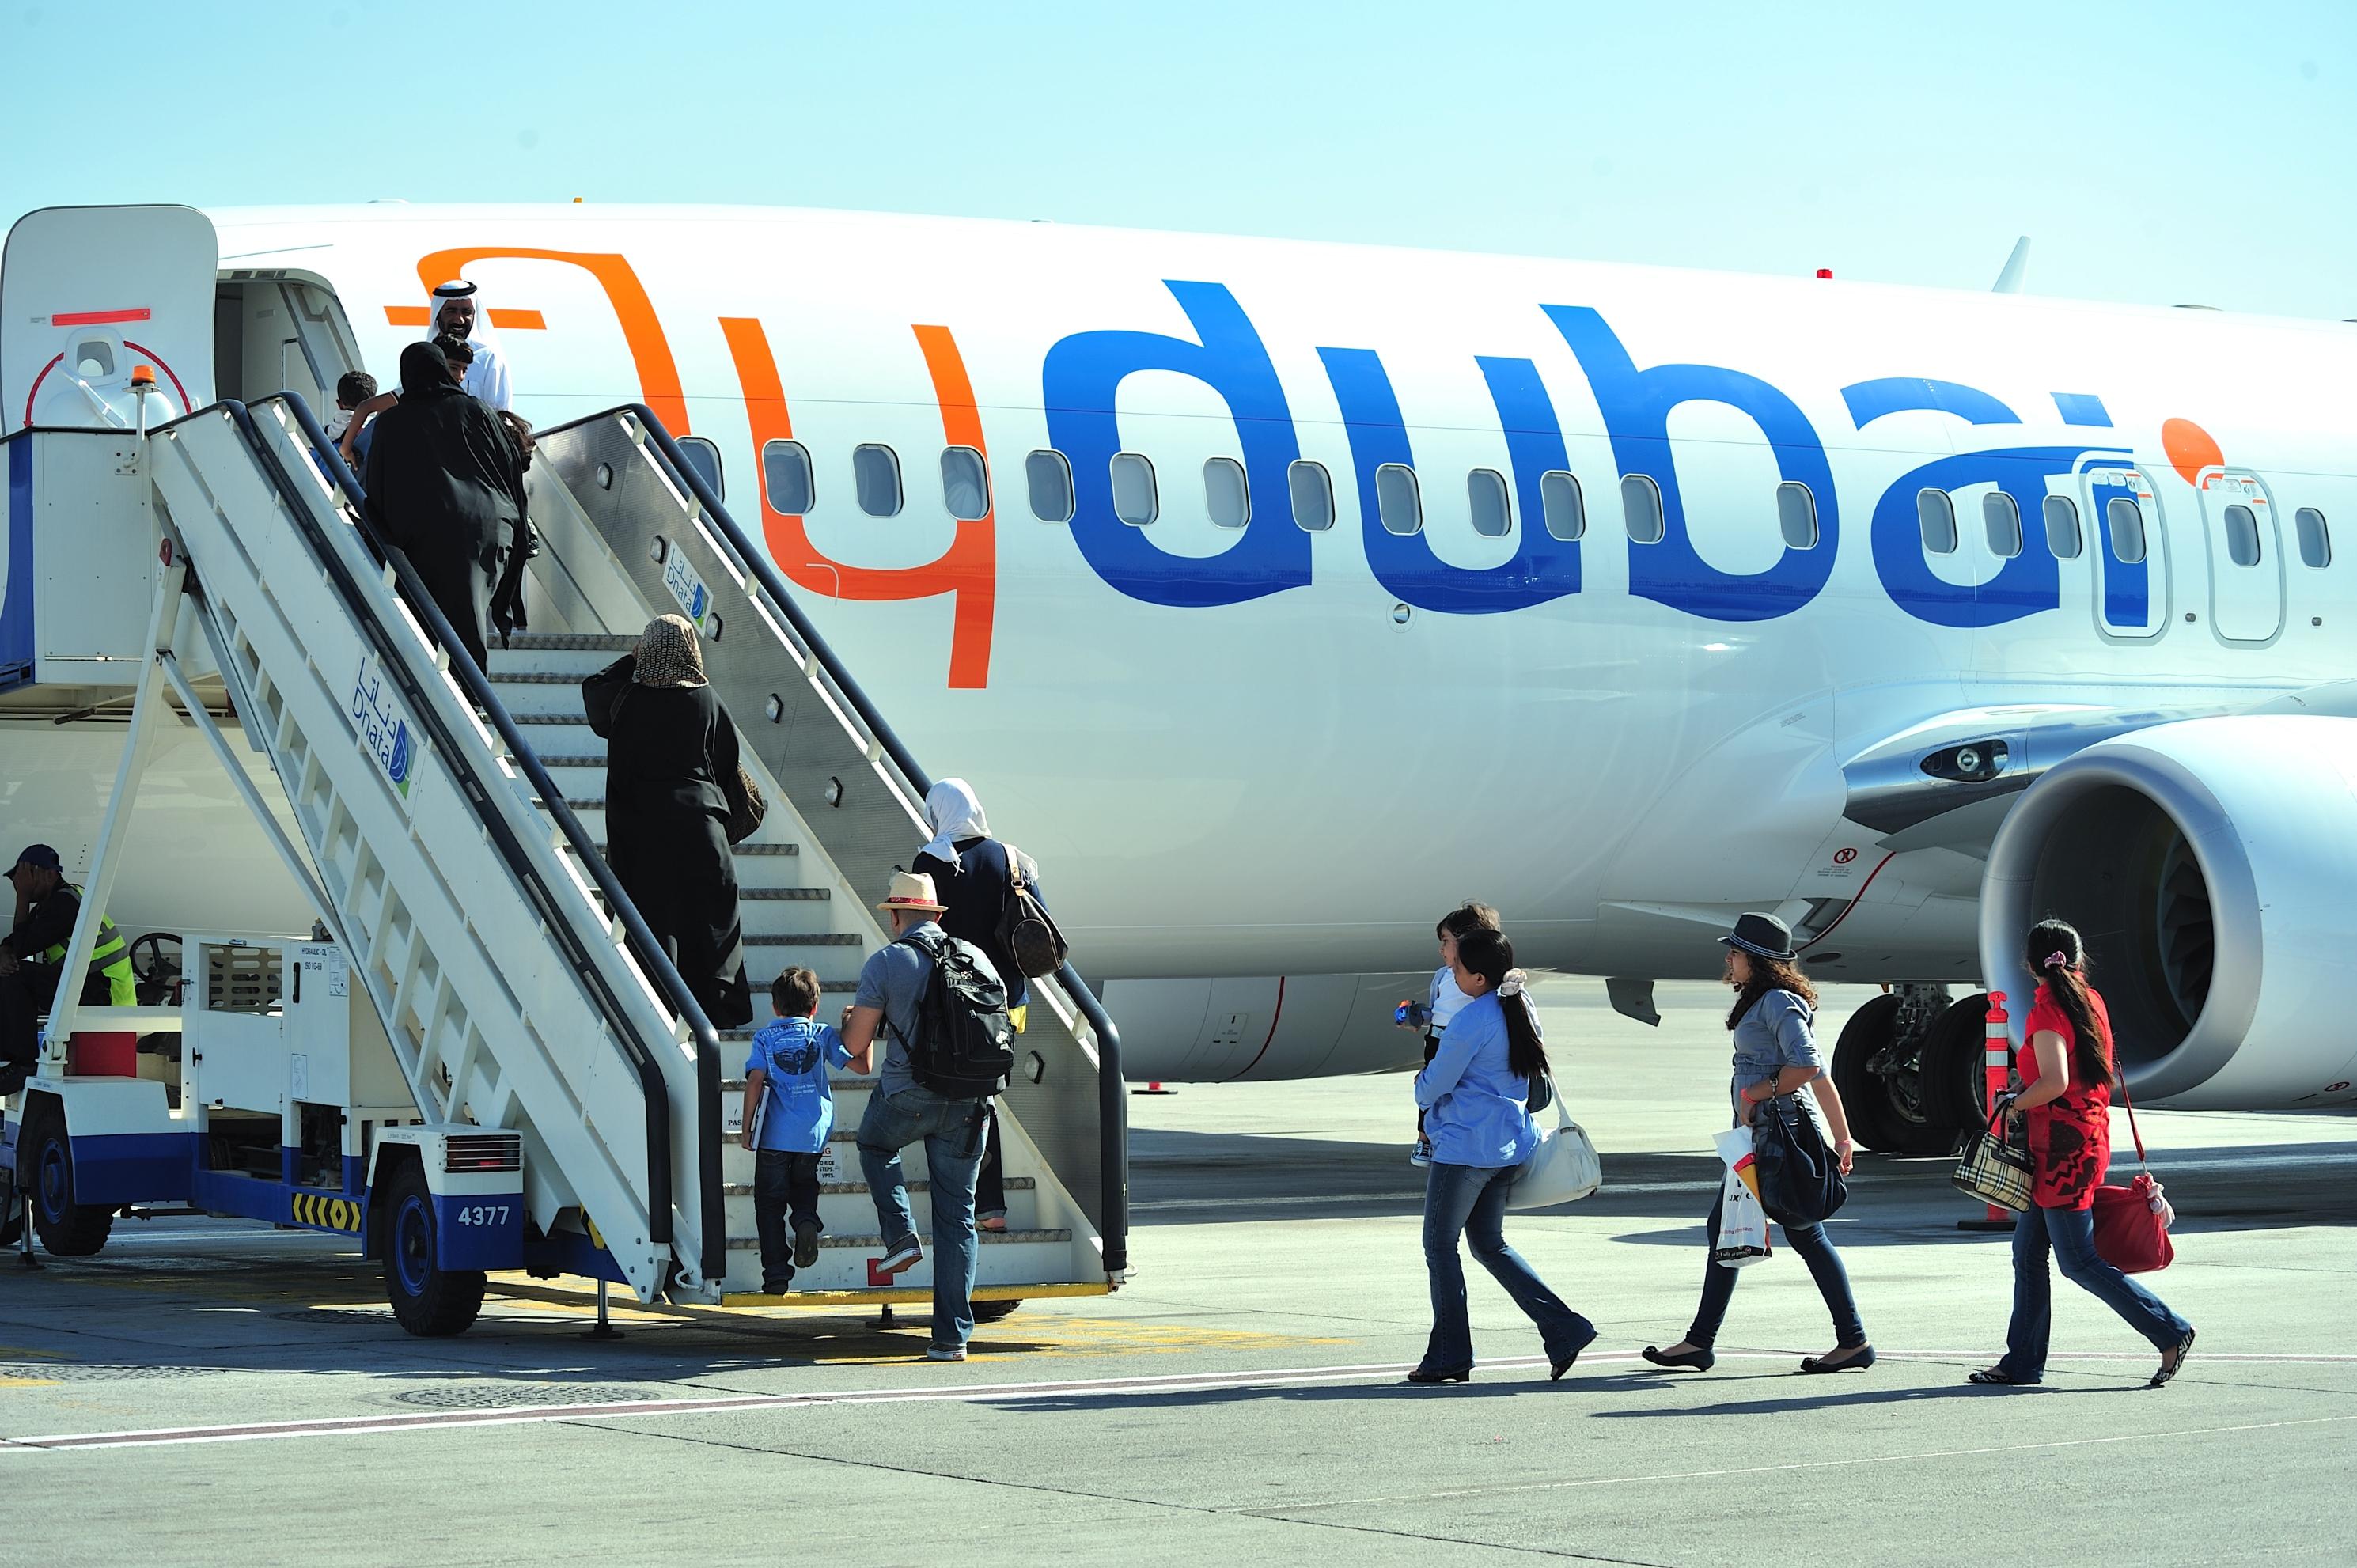 Passengers on flyduai aircraft